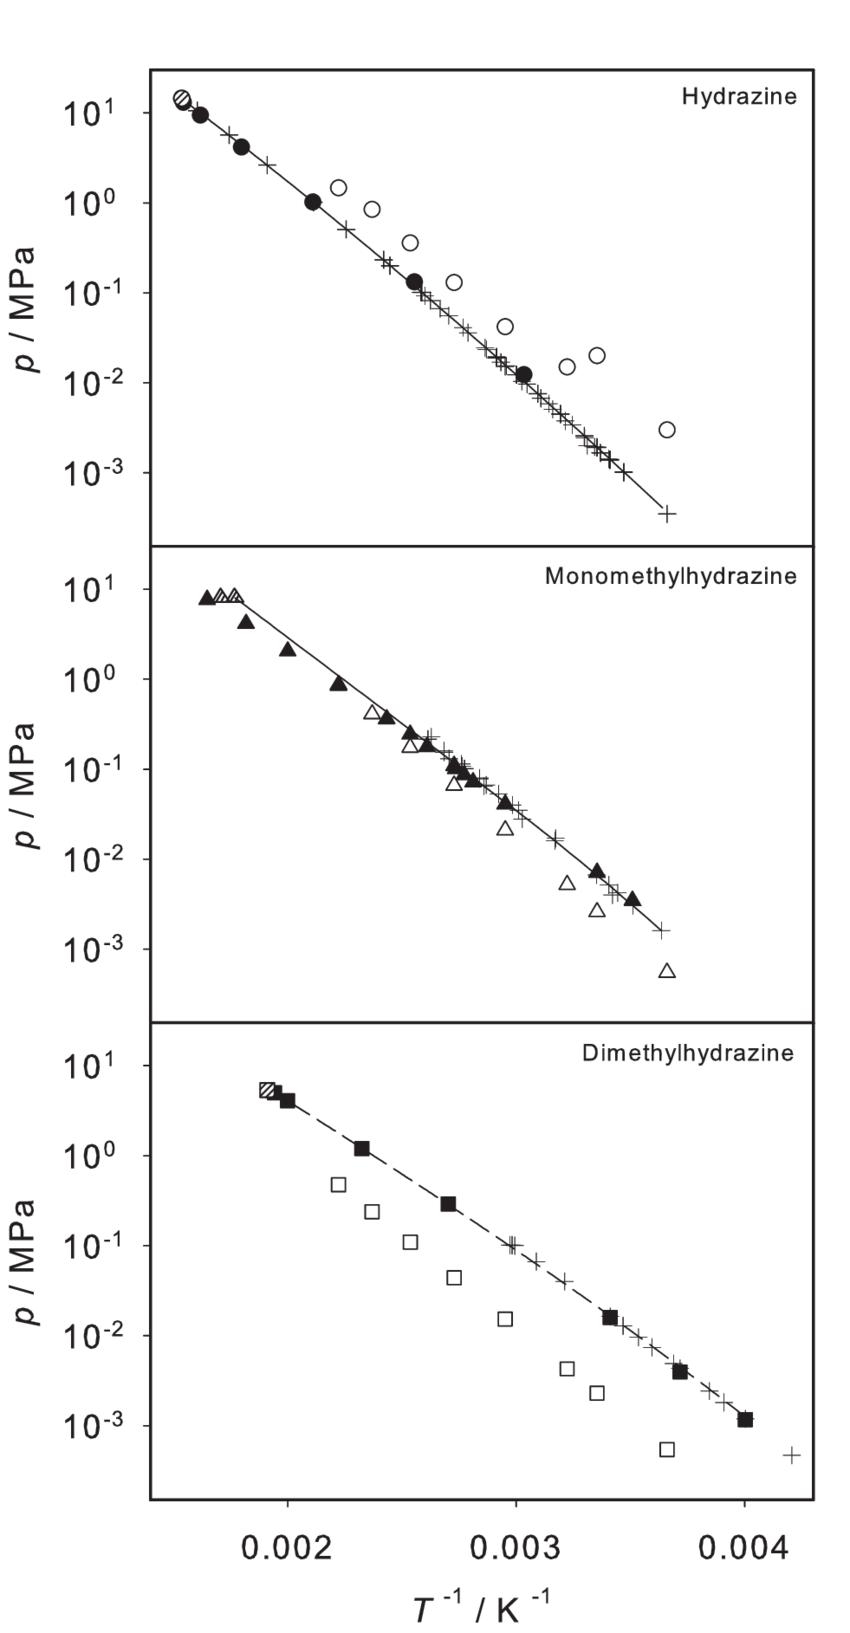 medium resolution of logarithmic vapor pressure of hydrazine monomethylhydrazine and dimethylhydrazine